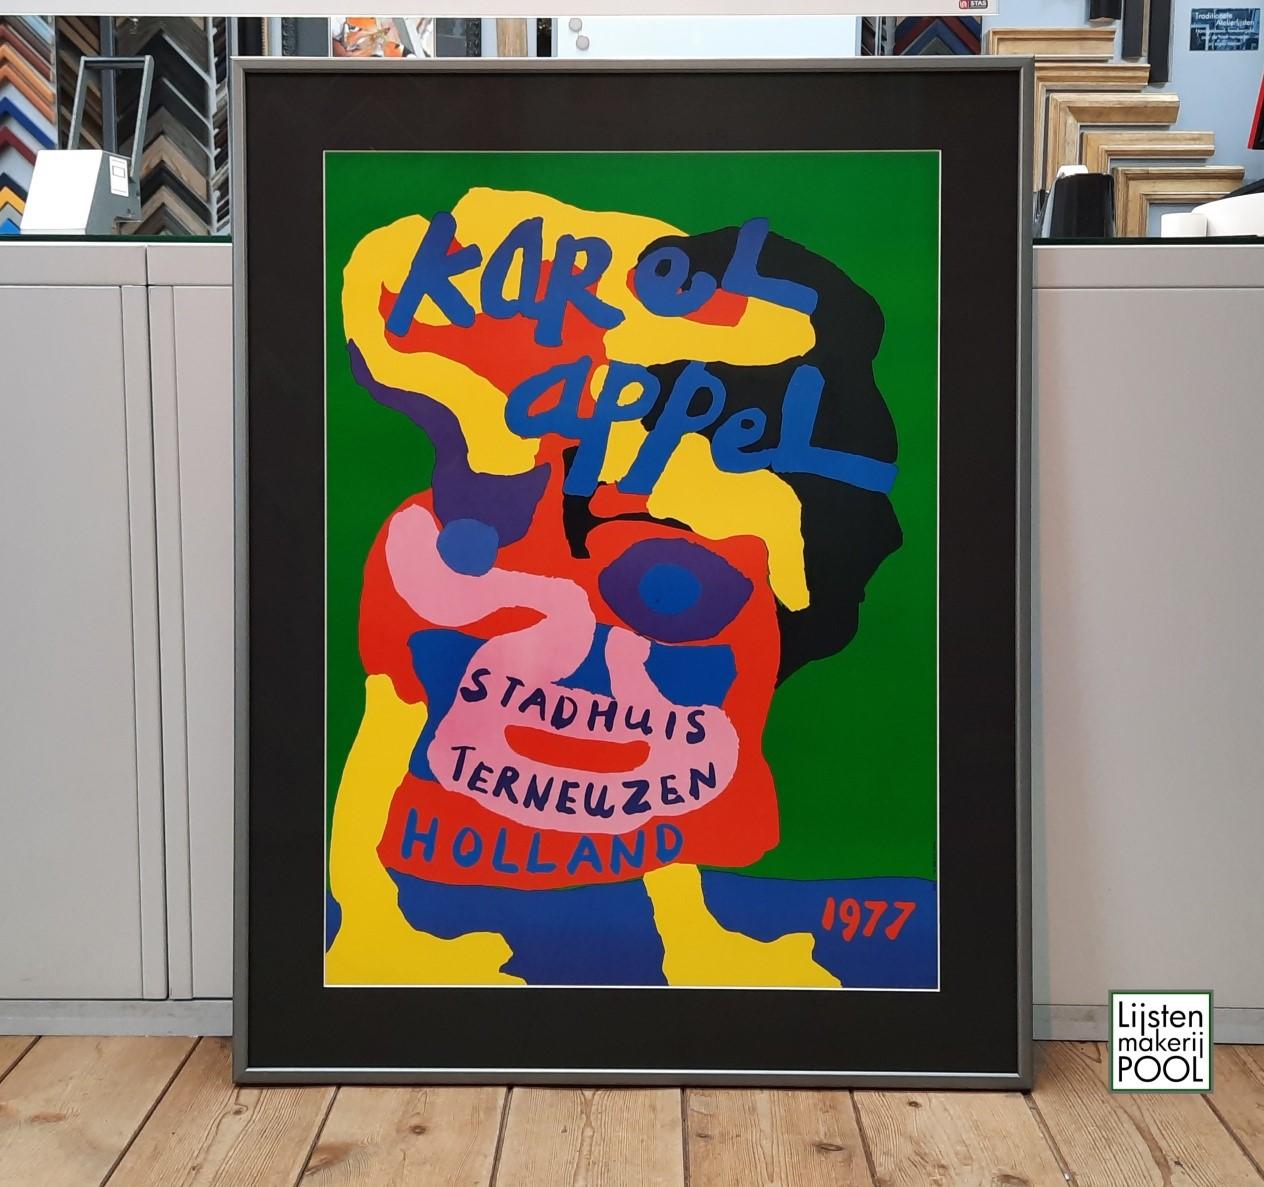 Affiche Karel Appel, reversibel ingelijst, Artglass. Lijstenmakerij Pool Elburg.